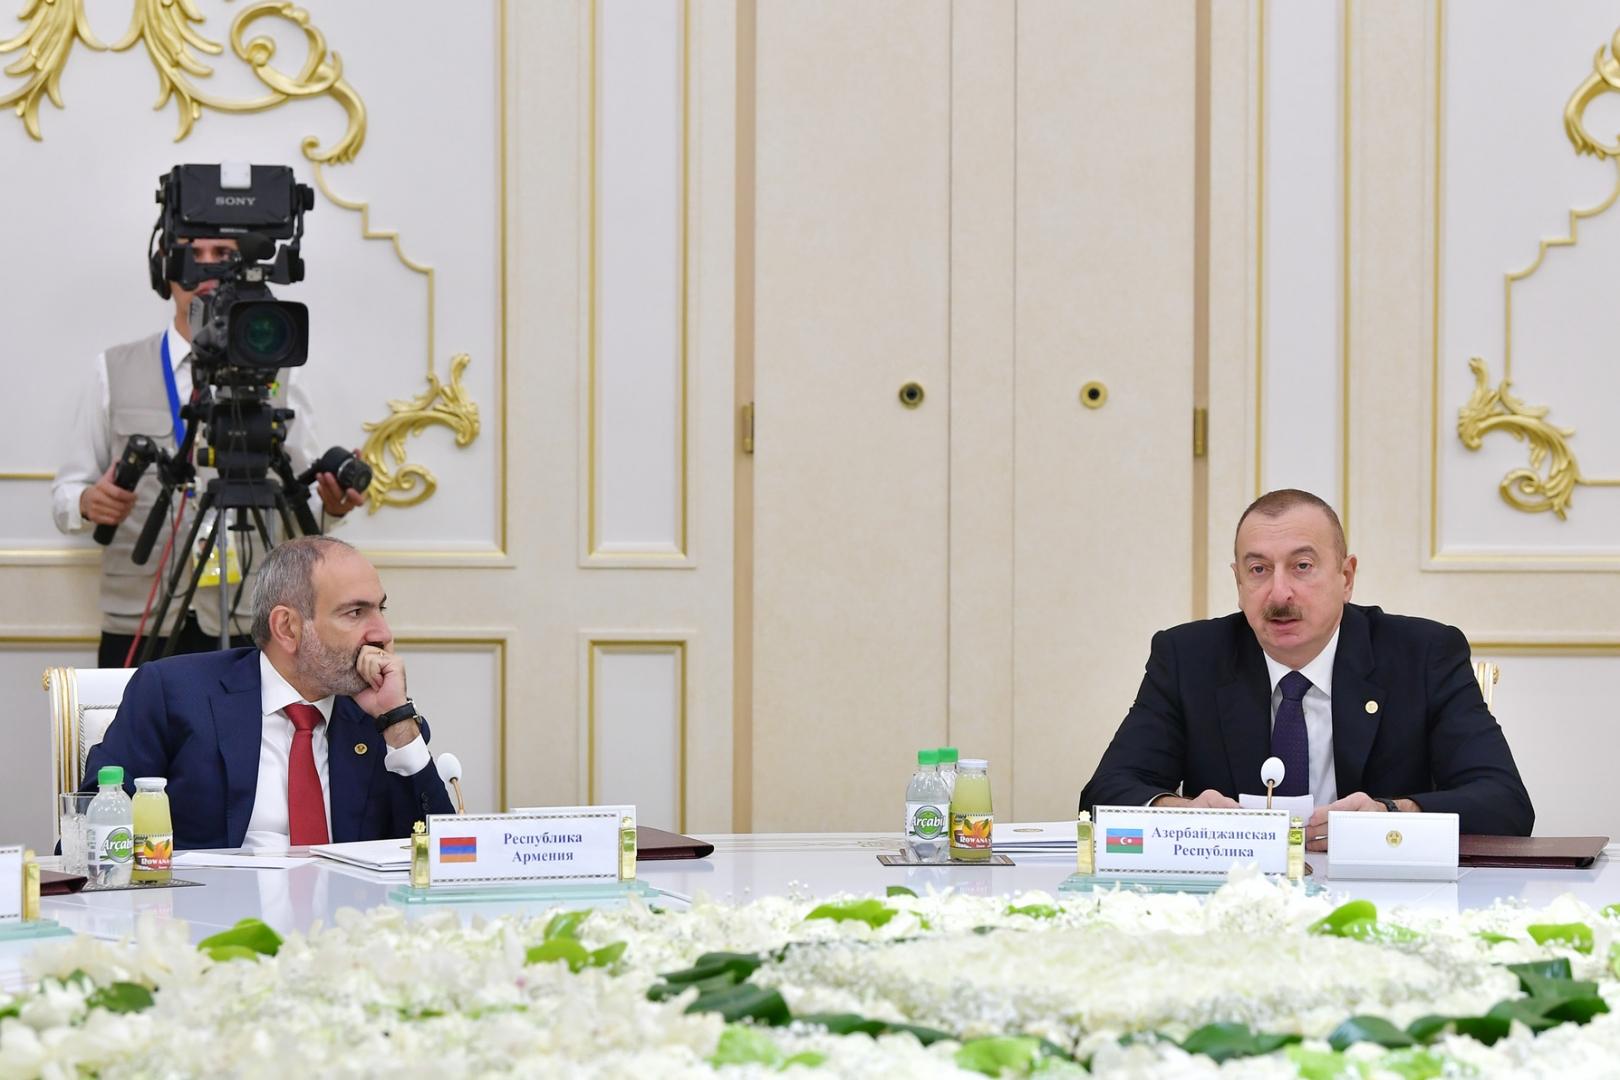 20191011_15-37-Алиев и Пашинян разошлись во мнениях о Второй мировой войне-pic2